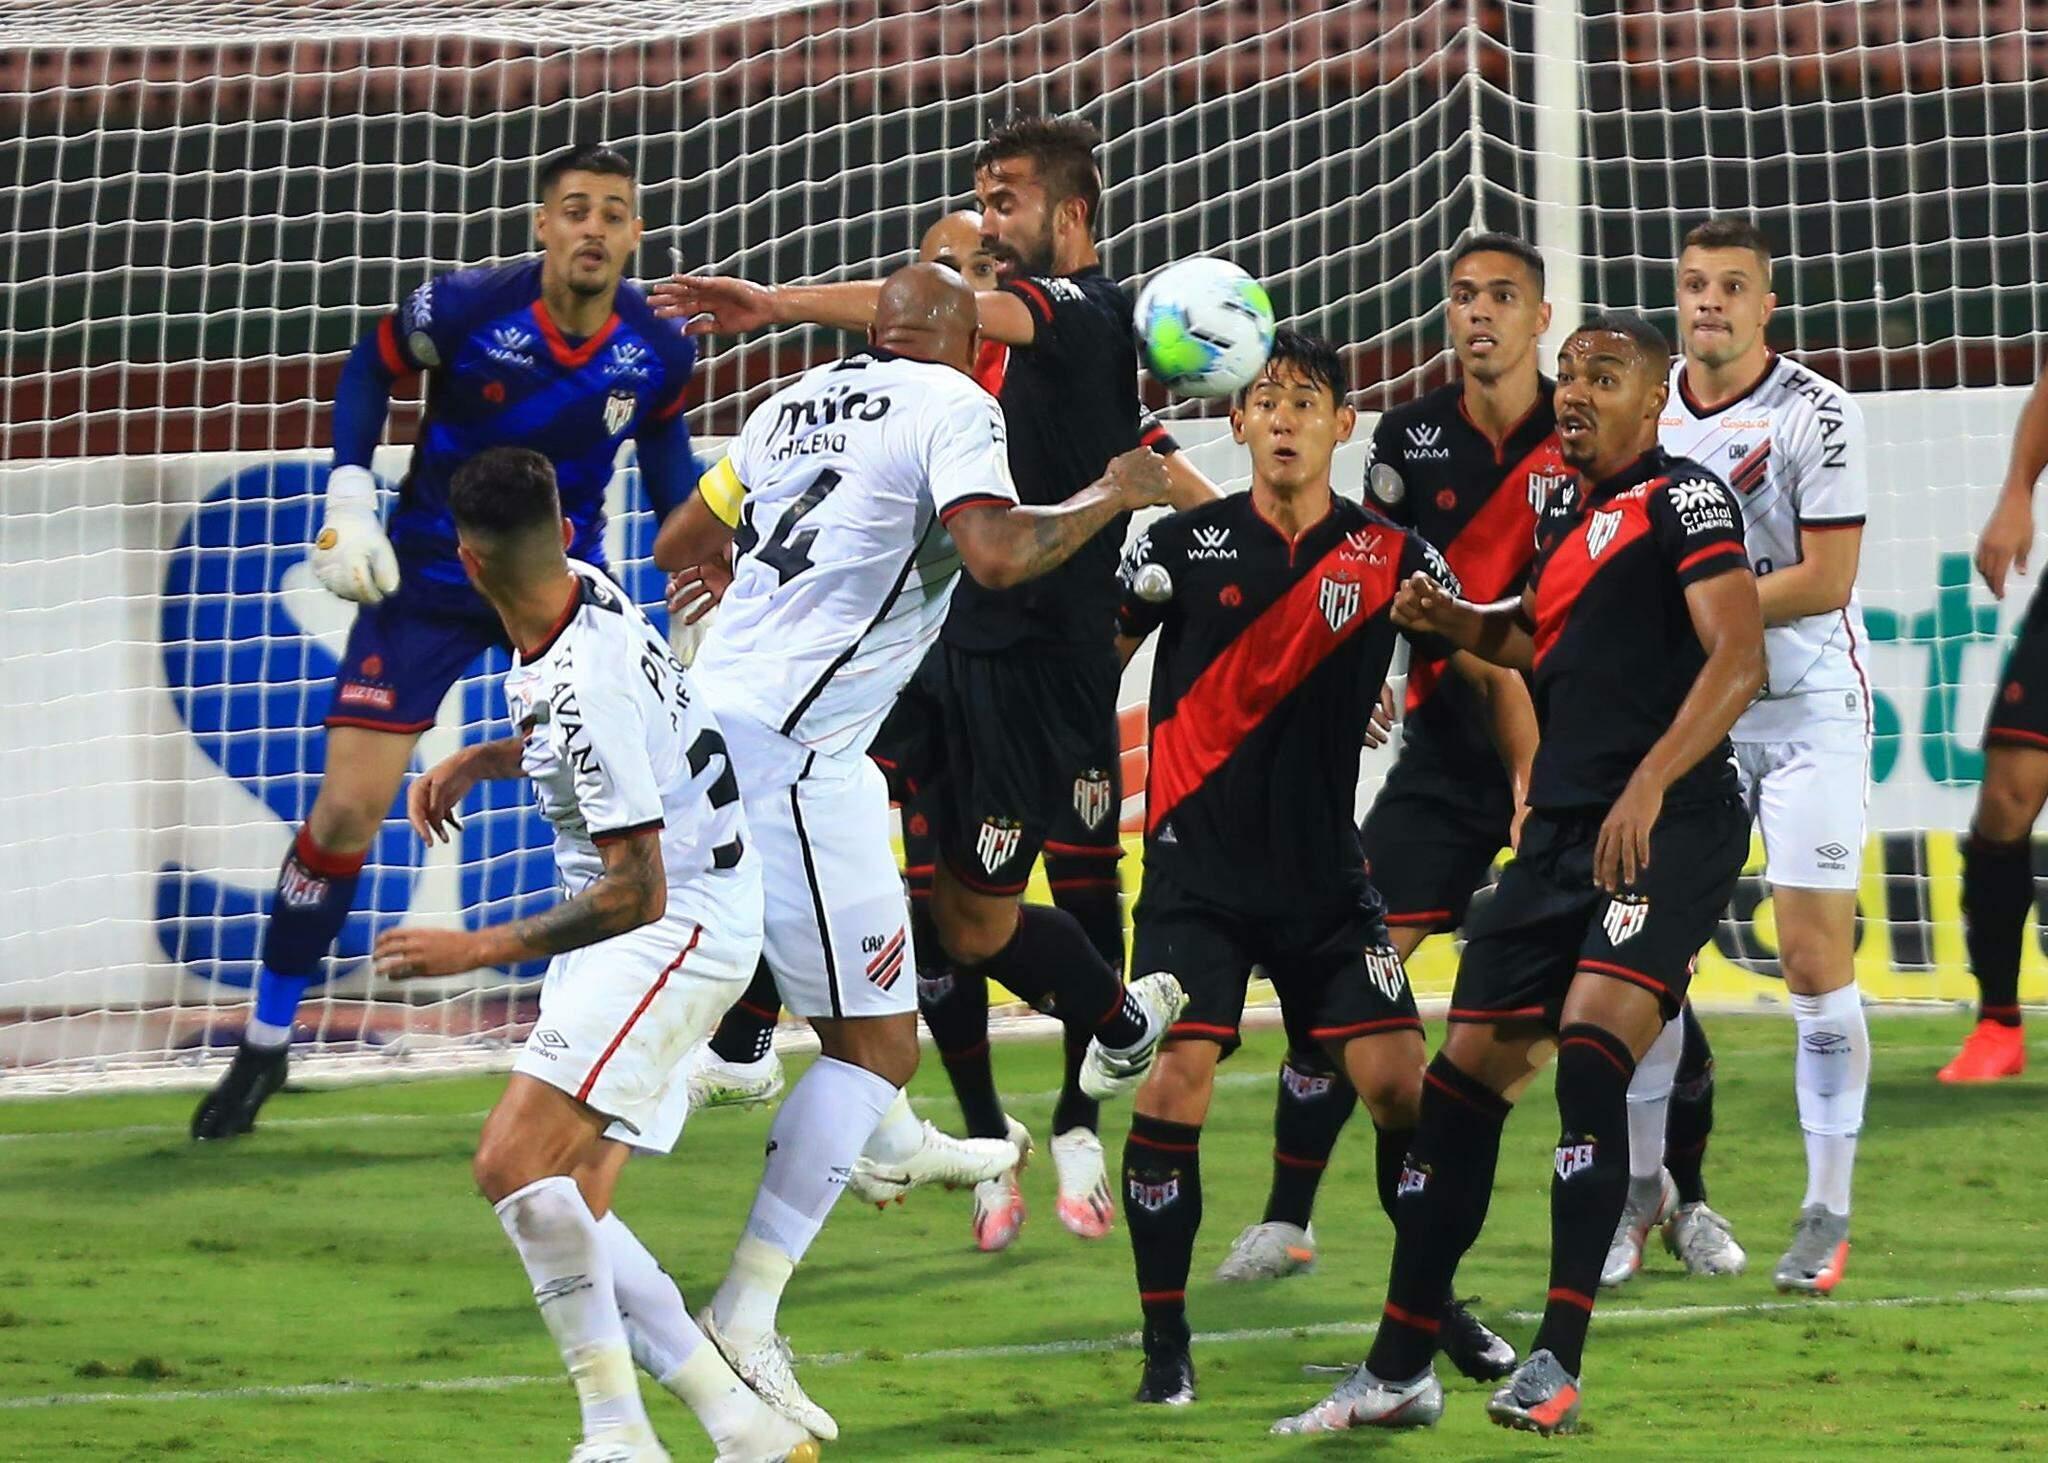 Lance durante partida entre Atlético GO e Athletico PR, válido pelo Campeonato Brasileiro da Série A 2020, no Estádio Olímpico Pedro Ludovico Teixeira, em Goiânia (GO), neste sábado (17). (Foto: Estadão Conteúdo)